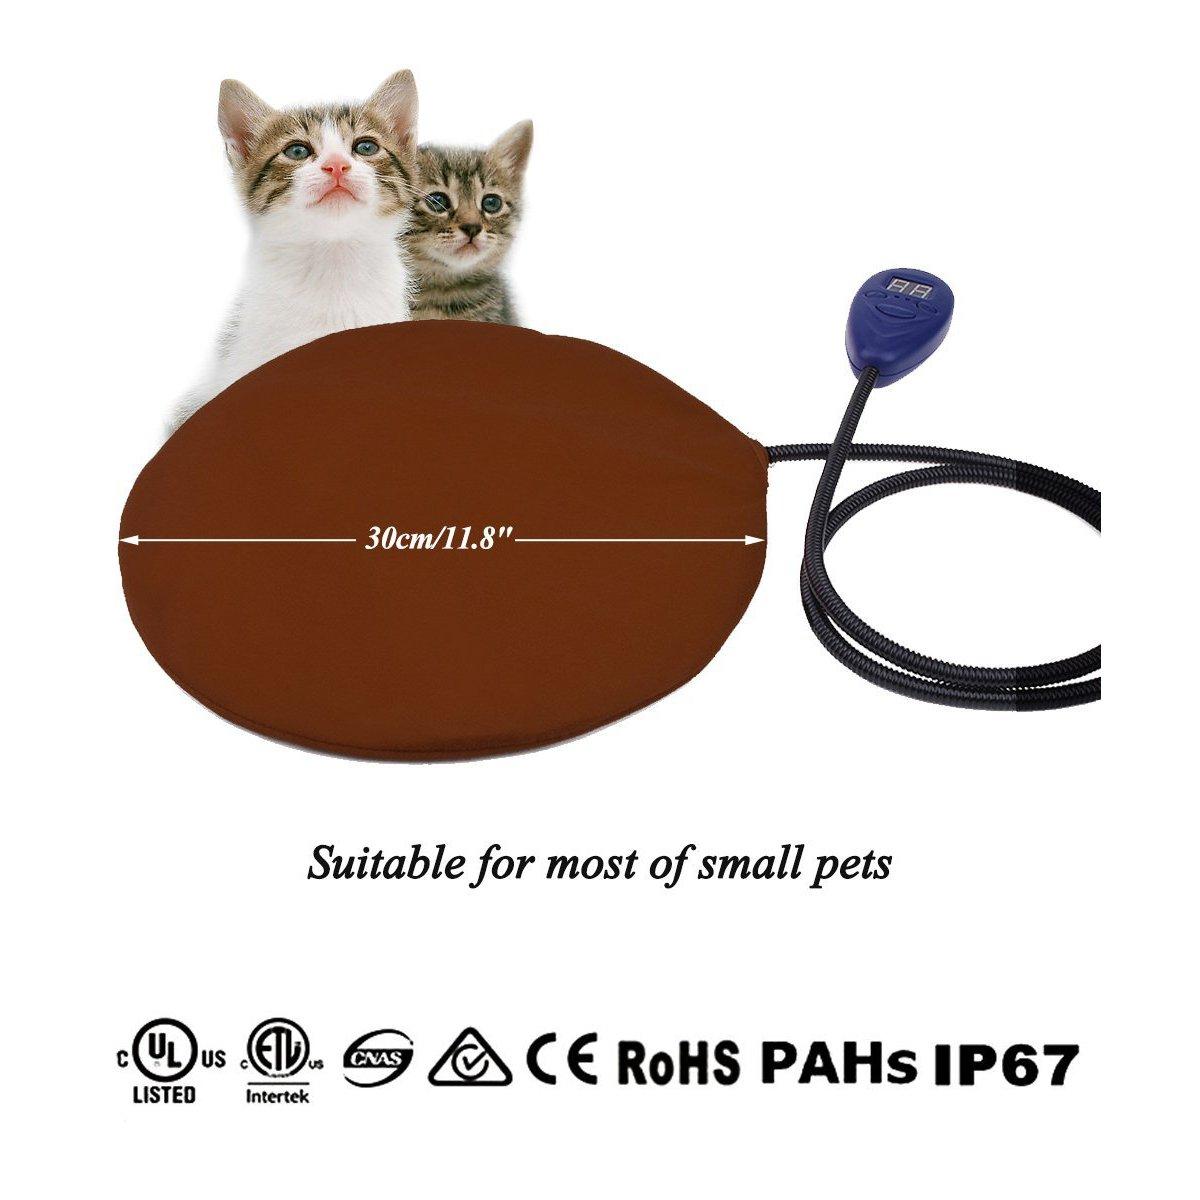 Azul 30*30cm Qius home Coj/ín de calefacci/ón el/éctrica para mascotas,Almohadilla de calentamiento para Perros y Gatos con 7 Niveles de Temperatura Ajustables